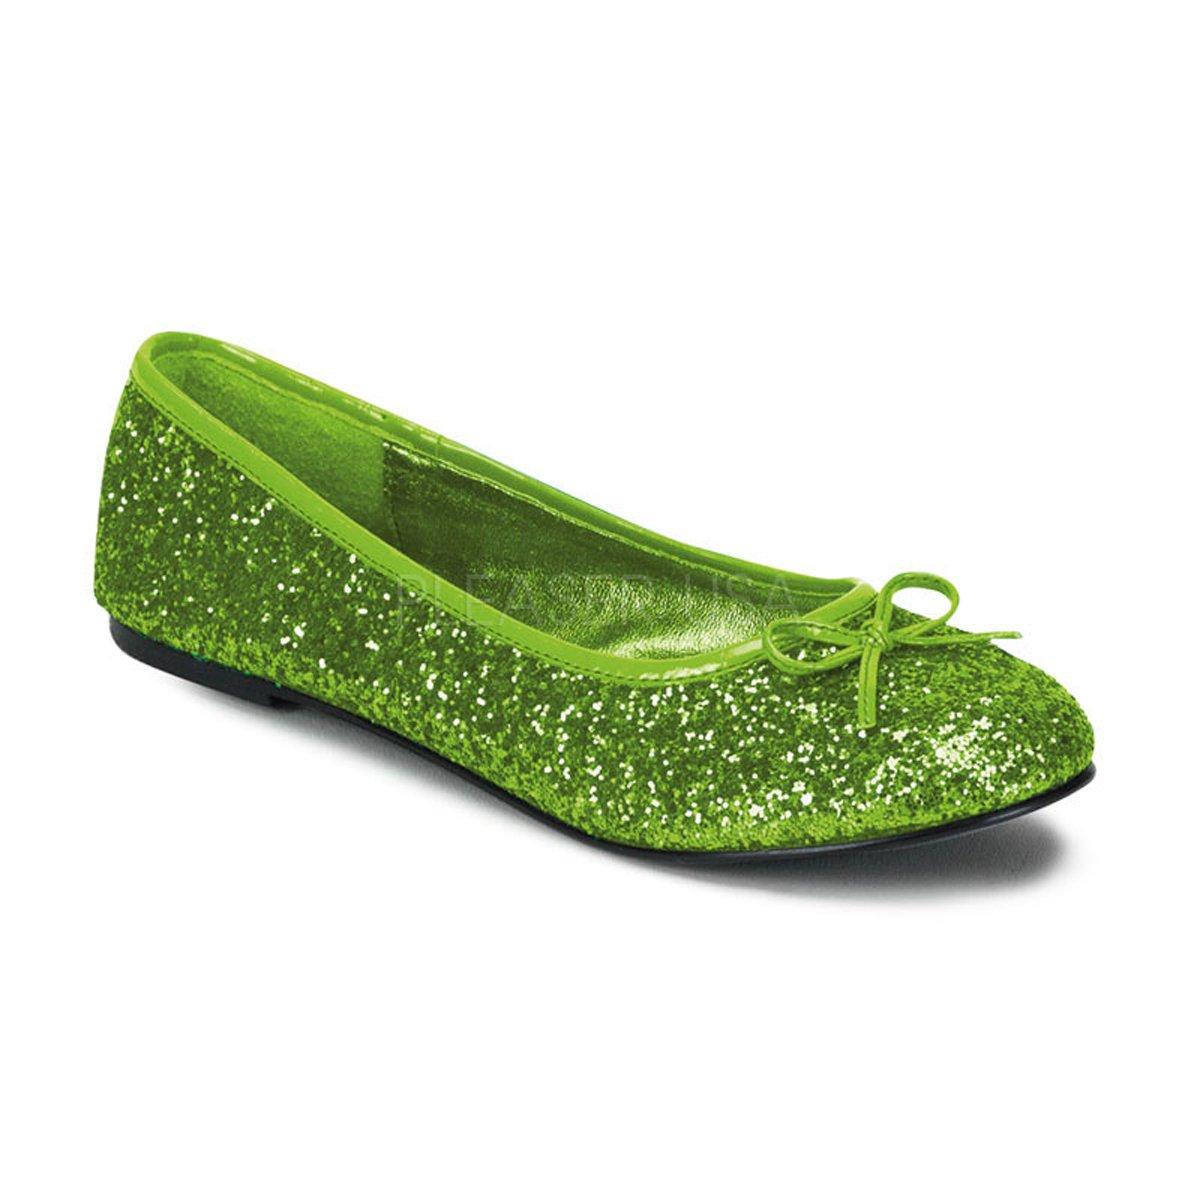 Funtasma STAR-16G womens Flats Shoes B074F3Z3LN 11 B(M) US|Lime Green Glitter